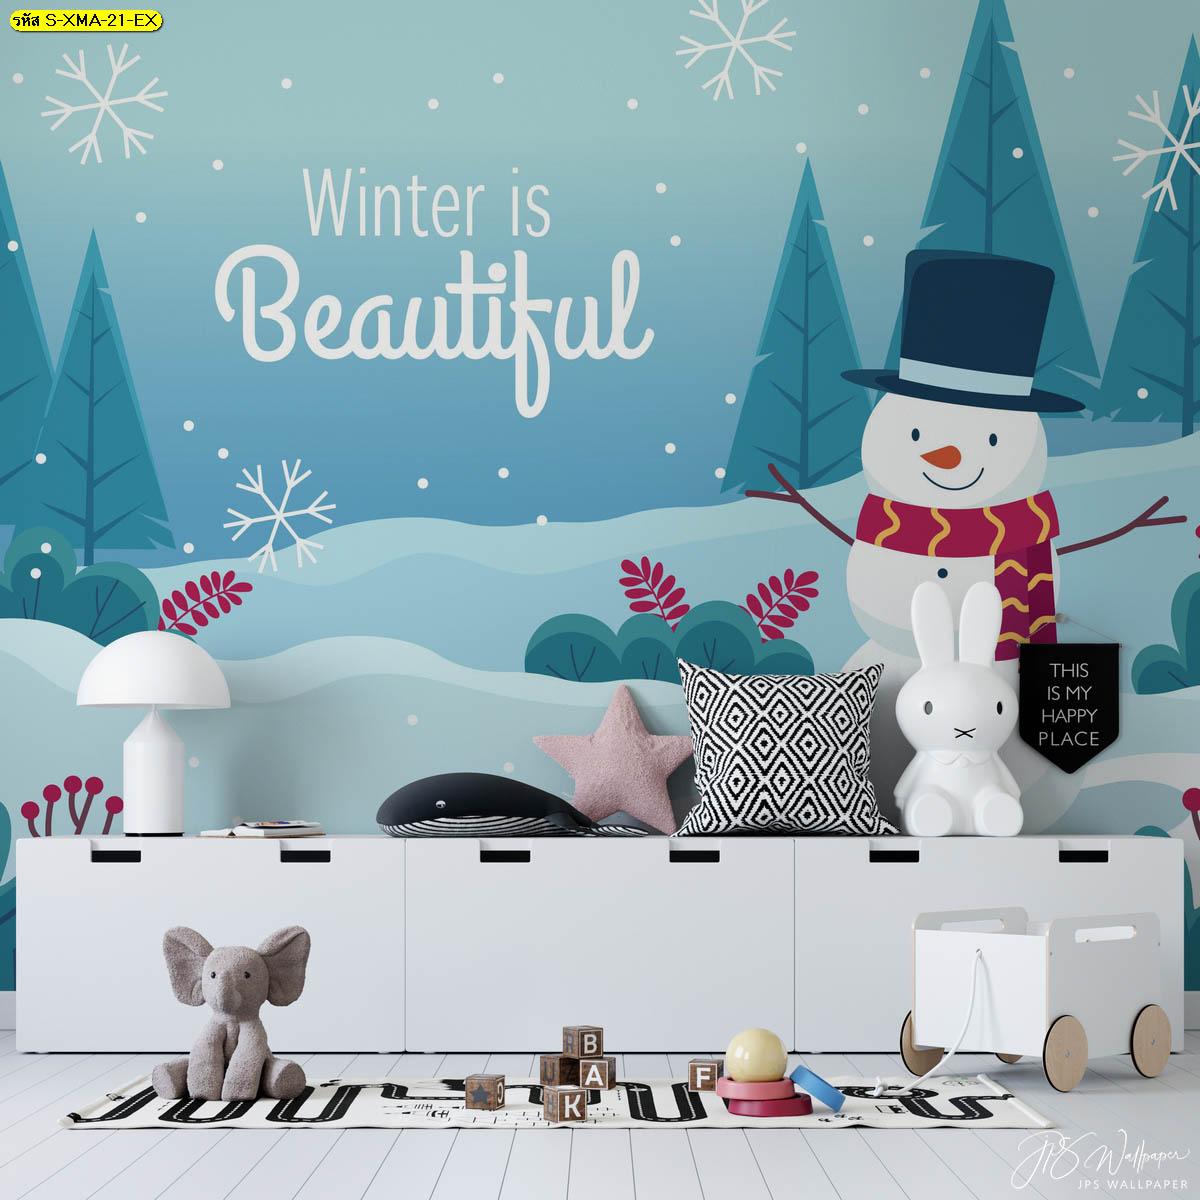 ใช้สีสดใสแต่งห้องเด็กเล่นให้น่ารักสดใส พื้นหลังลายสโนว์แมนกลางหิมะ